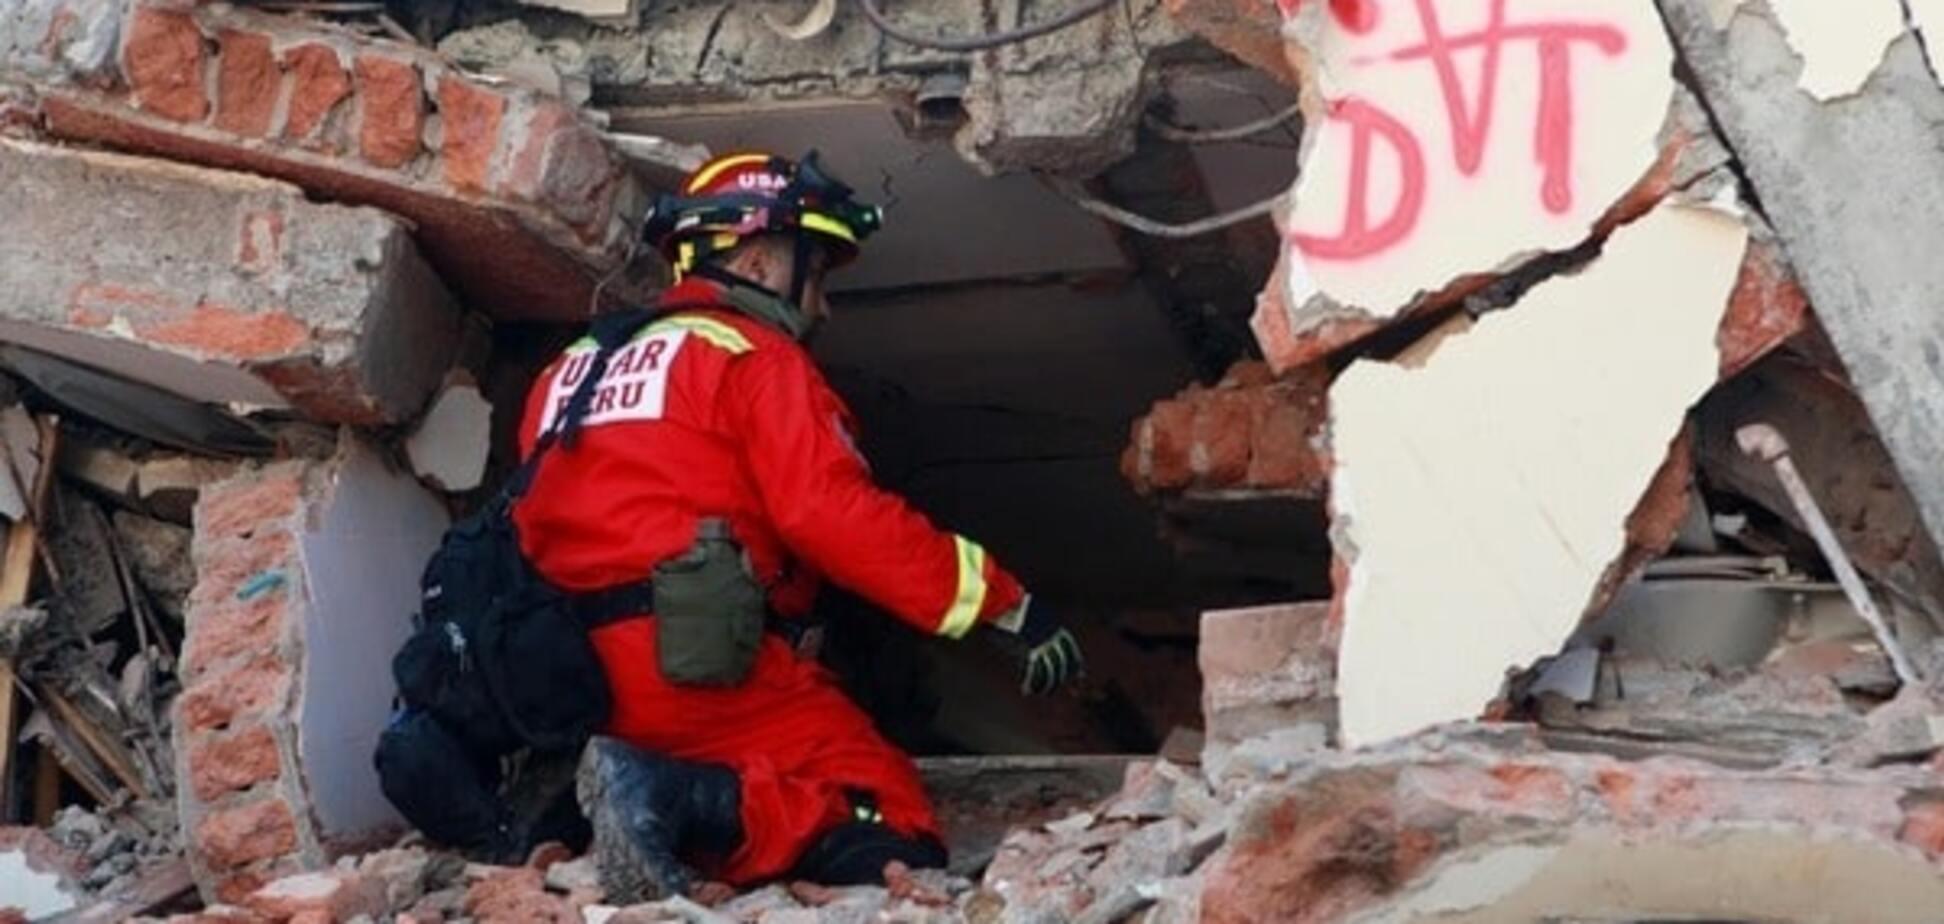 Шокуючі цифри: кількість загиблих від землетрусу в Еквадорі зросла до 413 осіб